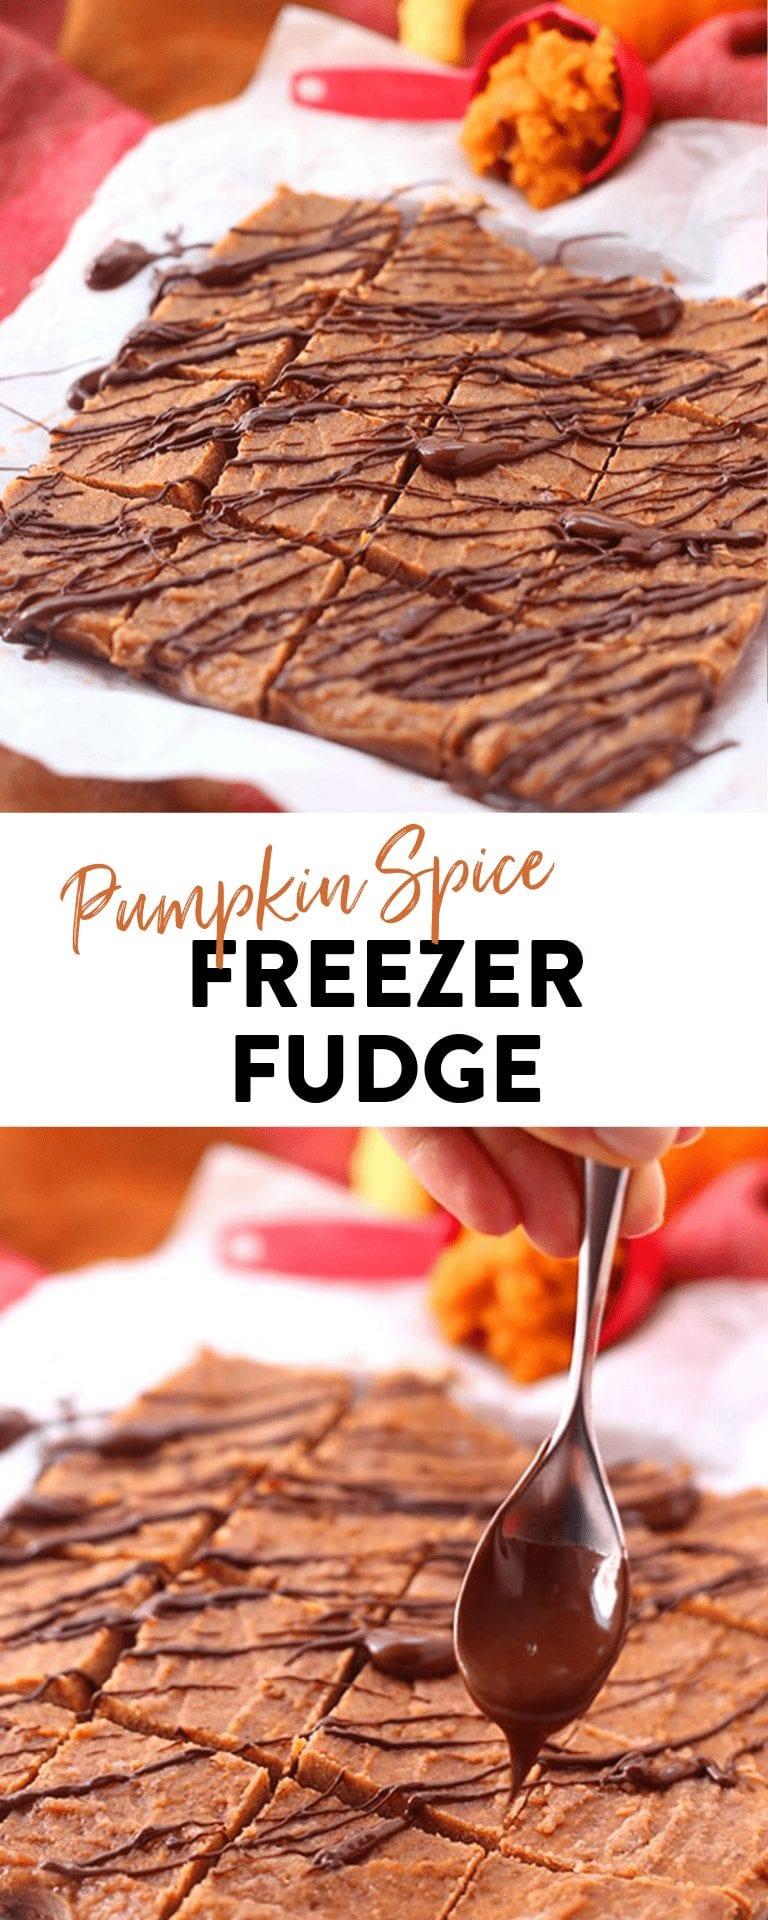 Pumpkin Fudge - Freezer Fudge